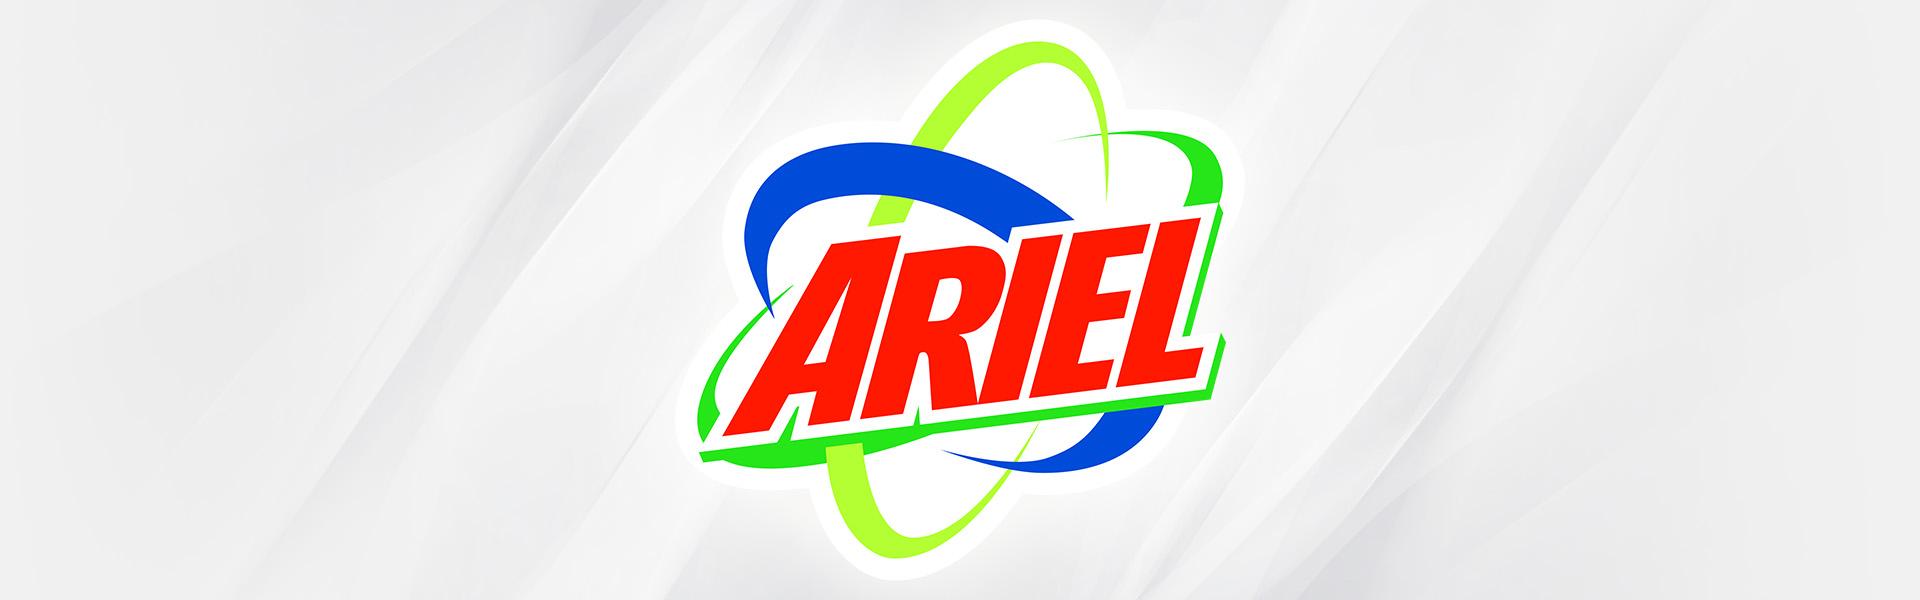 proszę do prania ariel hurt